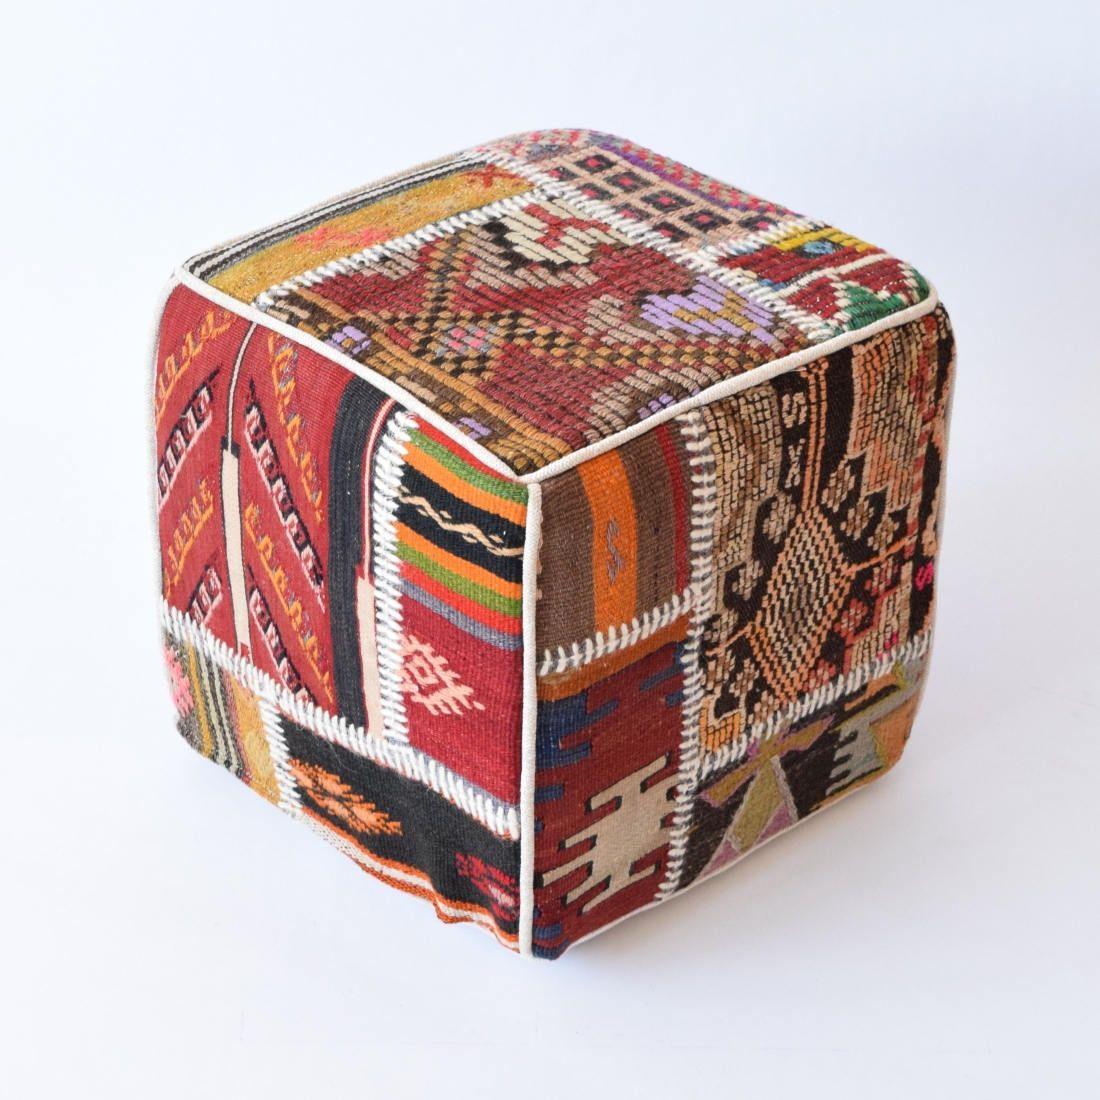 Patchwork Pouf Poef Kilim Ottoman Kilim Pouf Bohemian